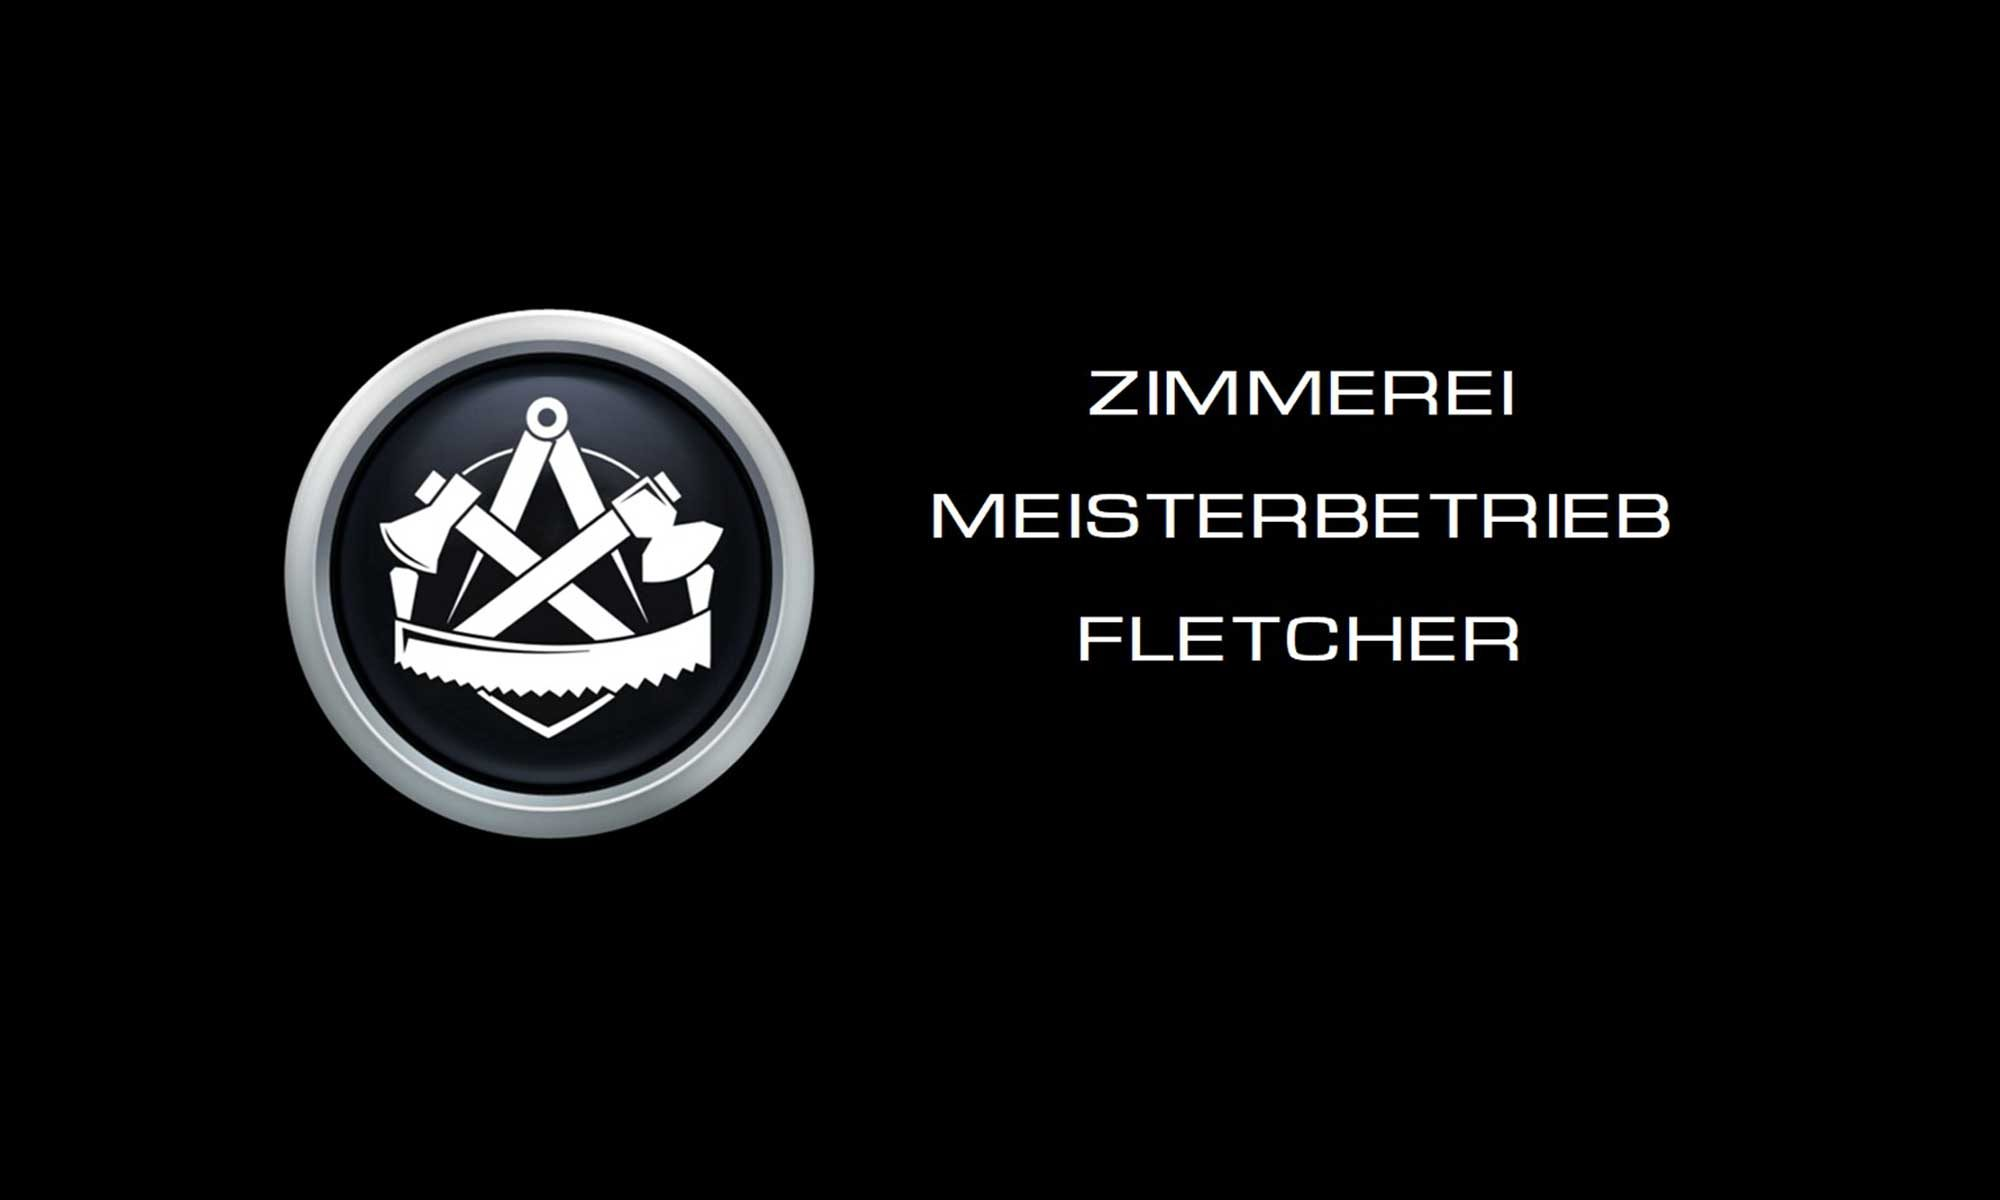 Zimmerei Meisterbetrieb Fletcher